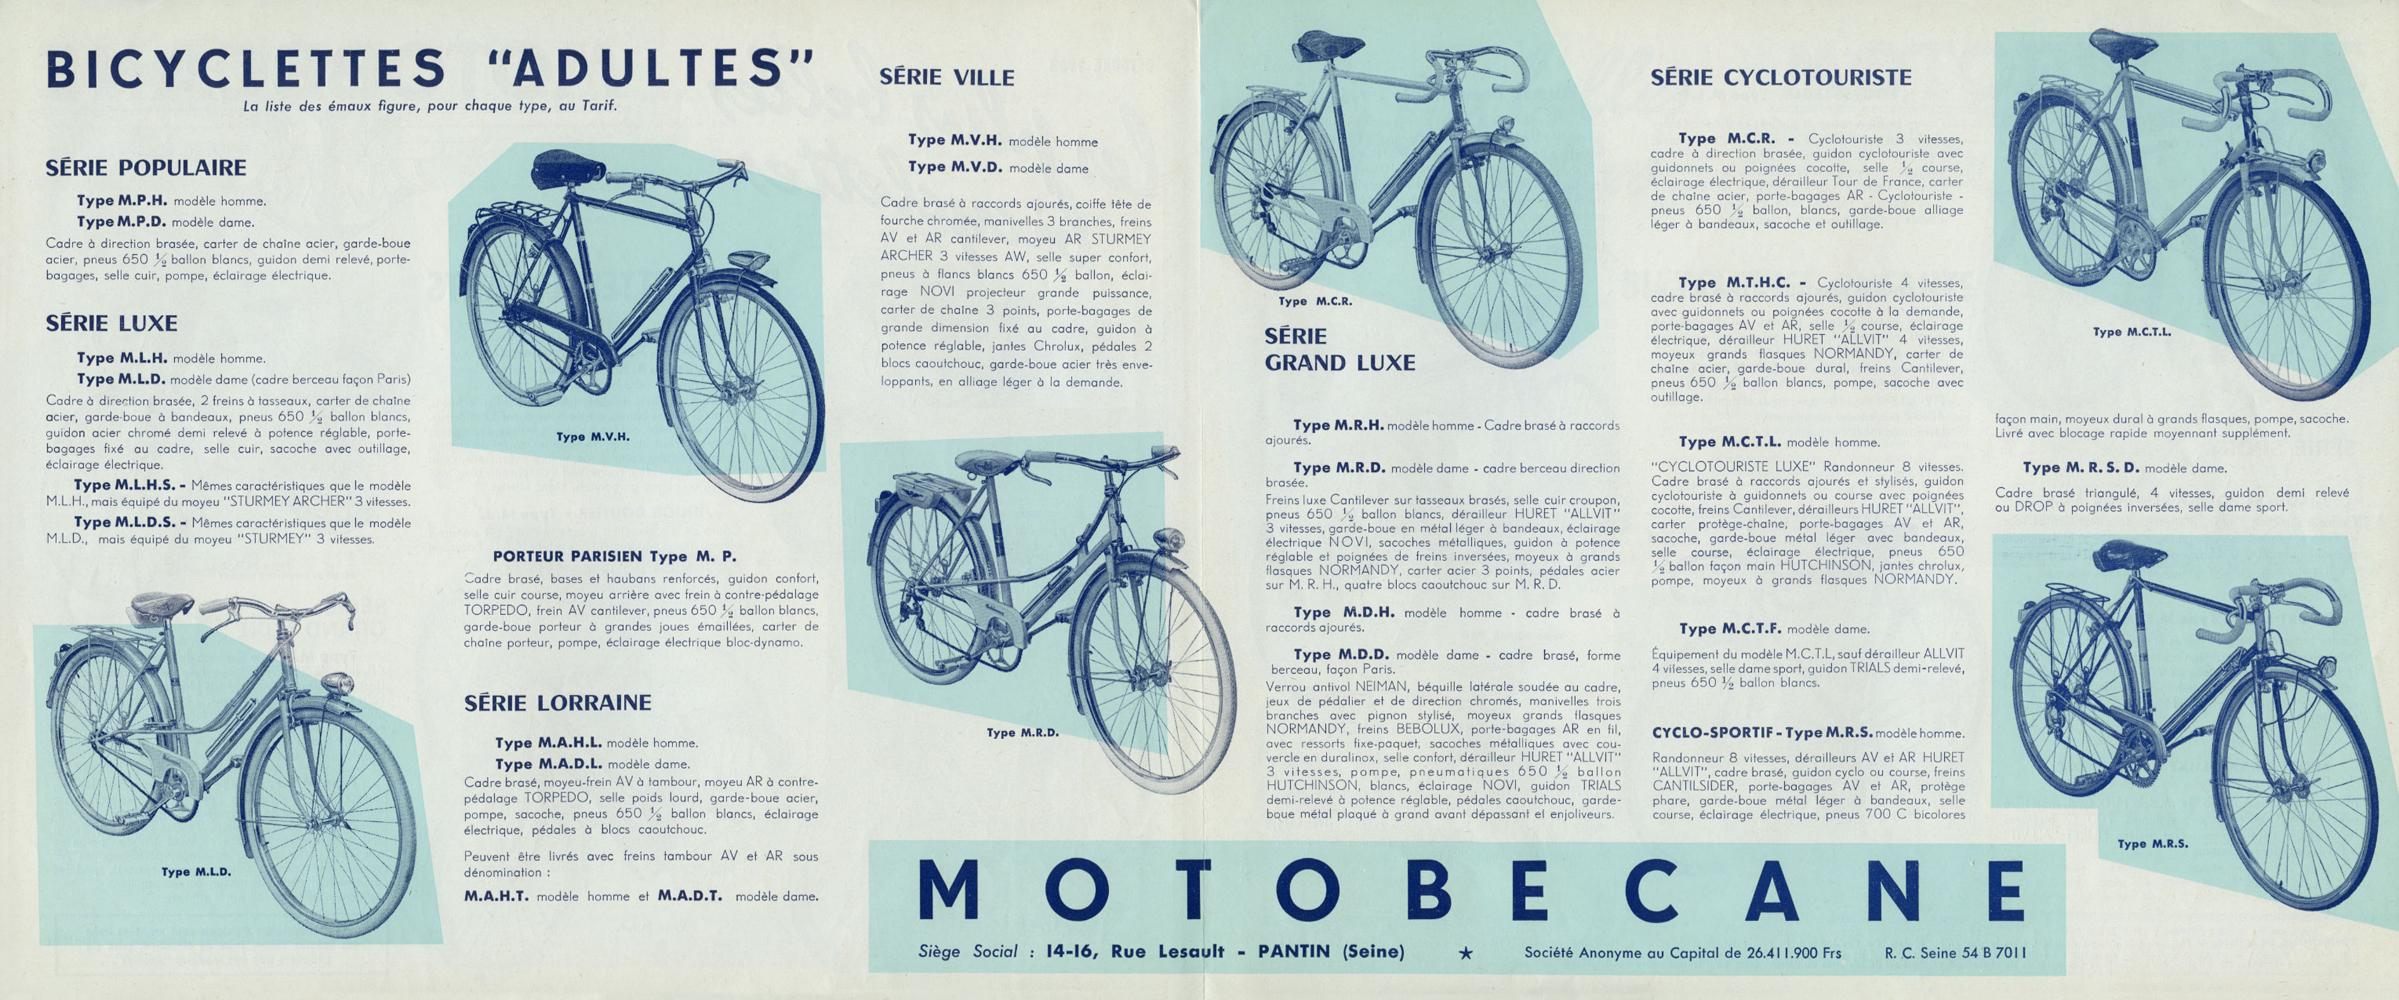 Routier MOTOBECANE Les-plus-belles-bicyclettes-(1963)-002